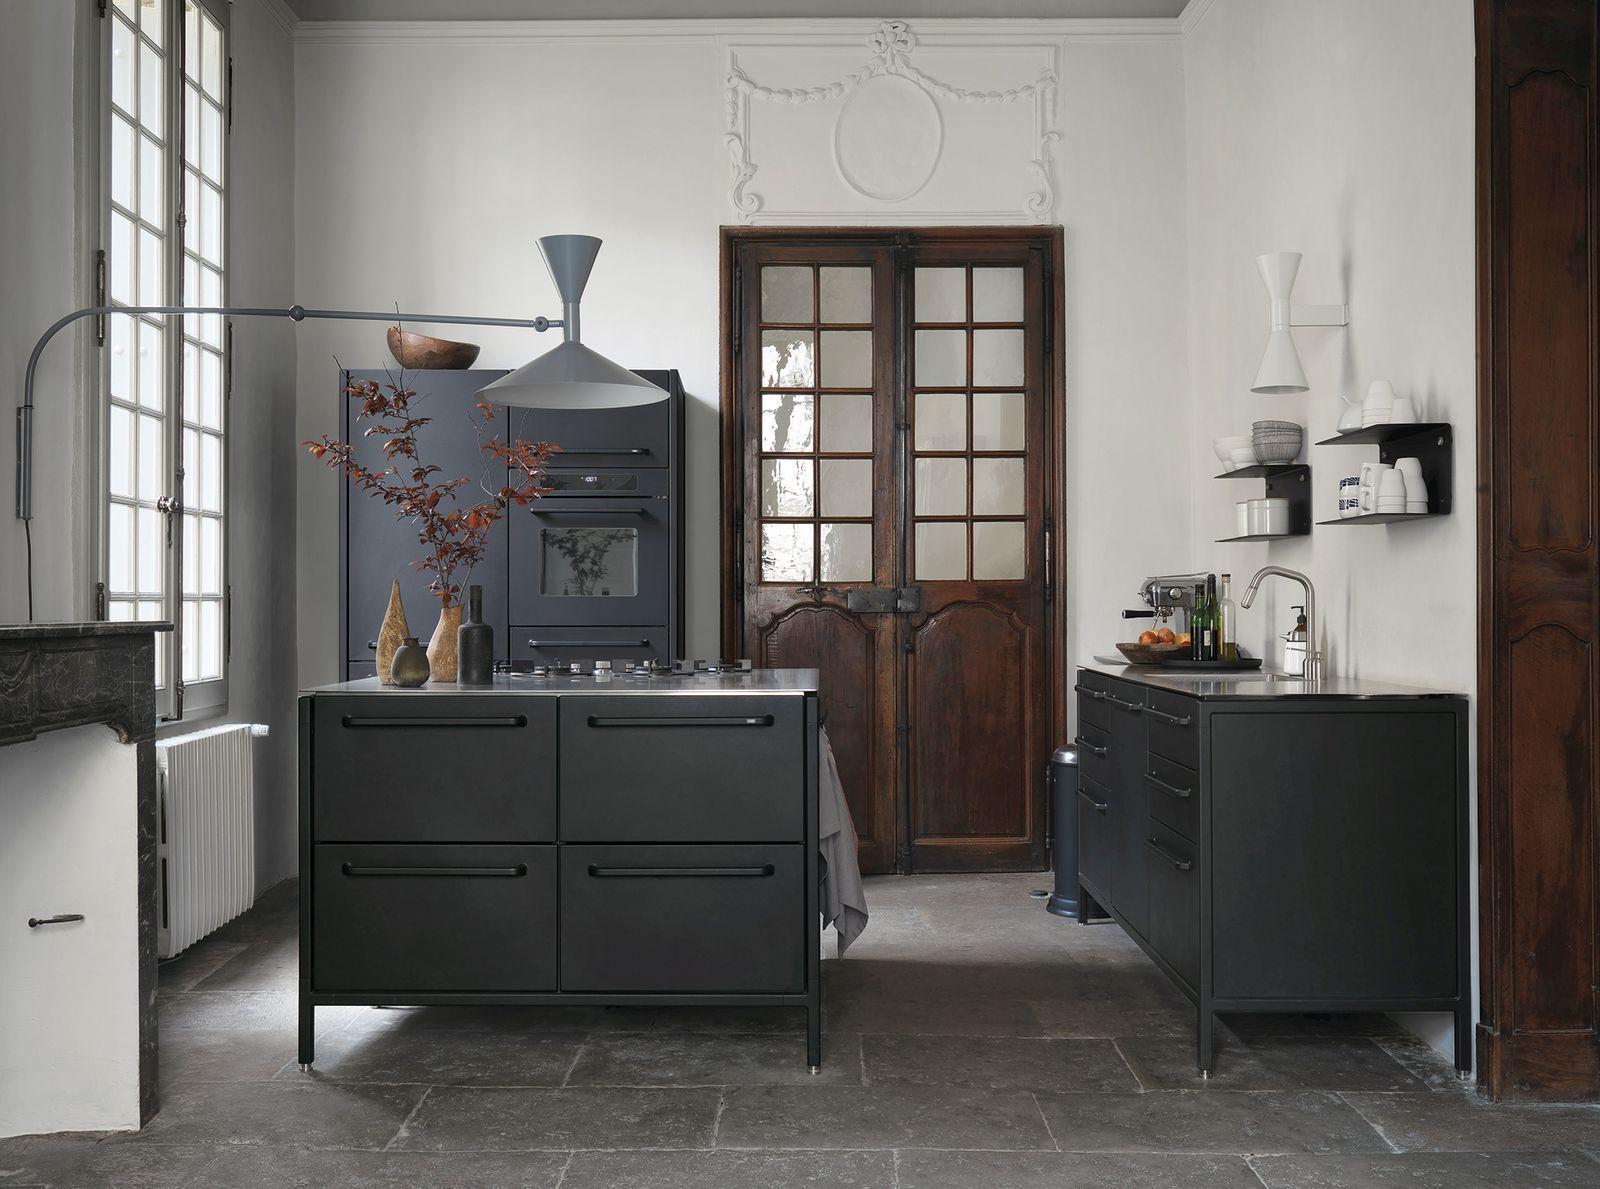 Más reciente Fotos de cocina metalicos Conceptos